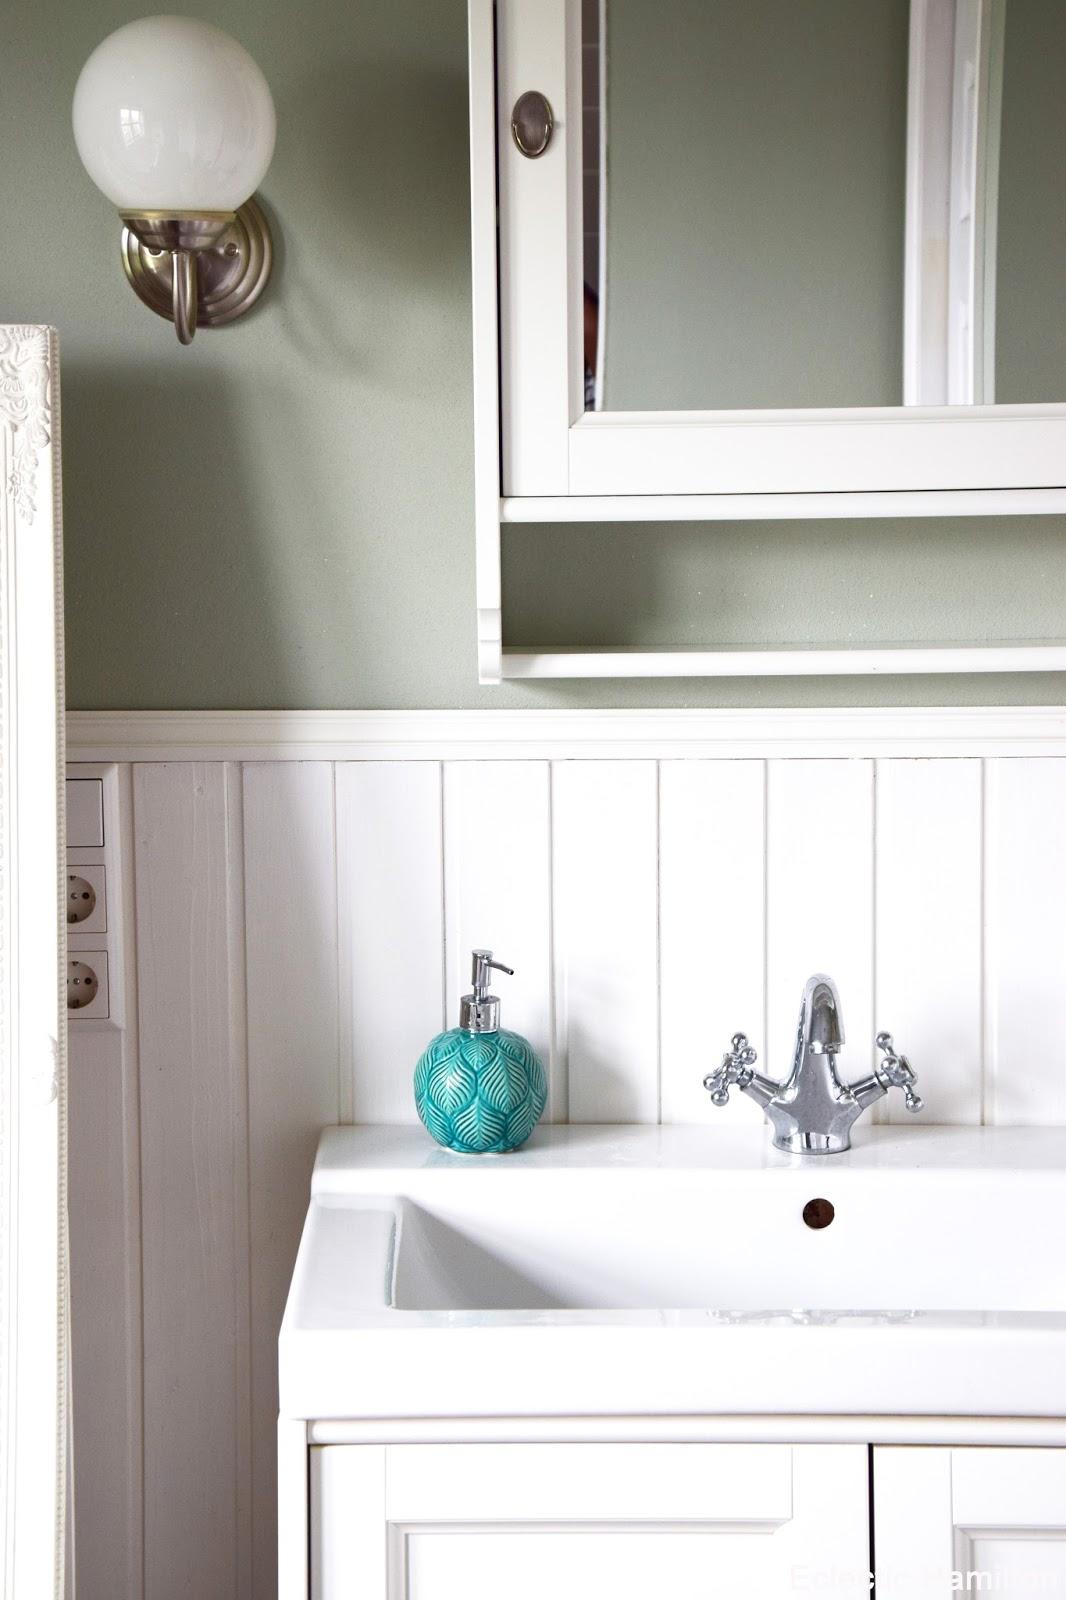 pflanzen für mein badezimmer und einblicke (... endlich mal wieder ... - Badezimmer Gardinen Rollos